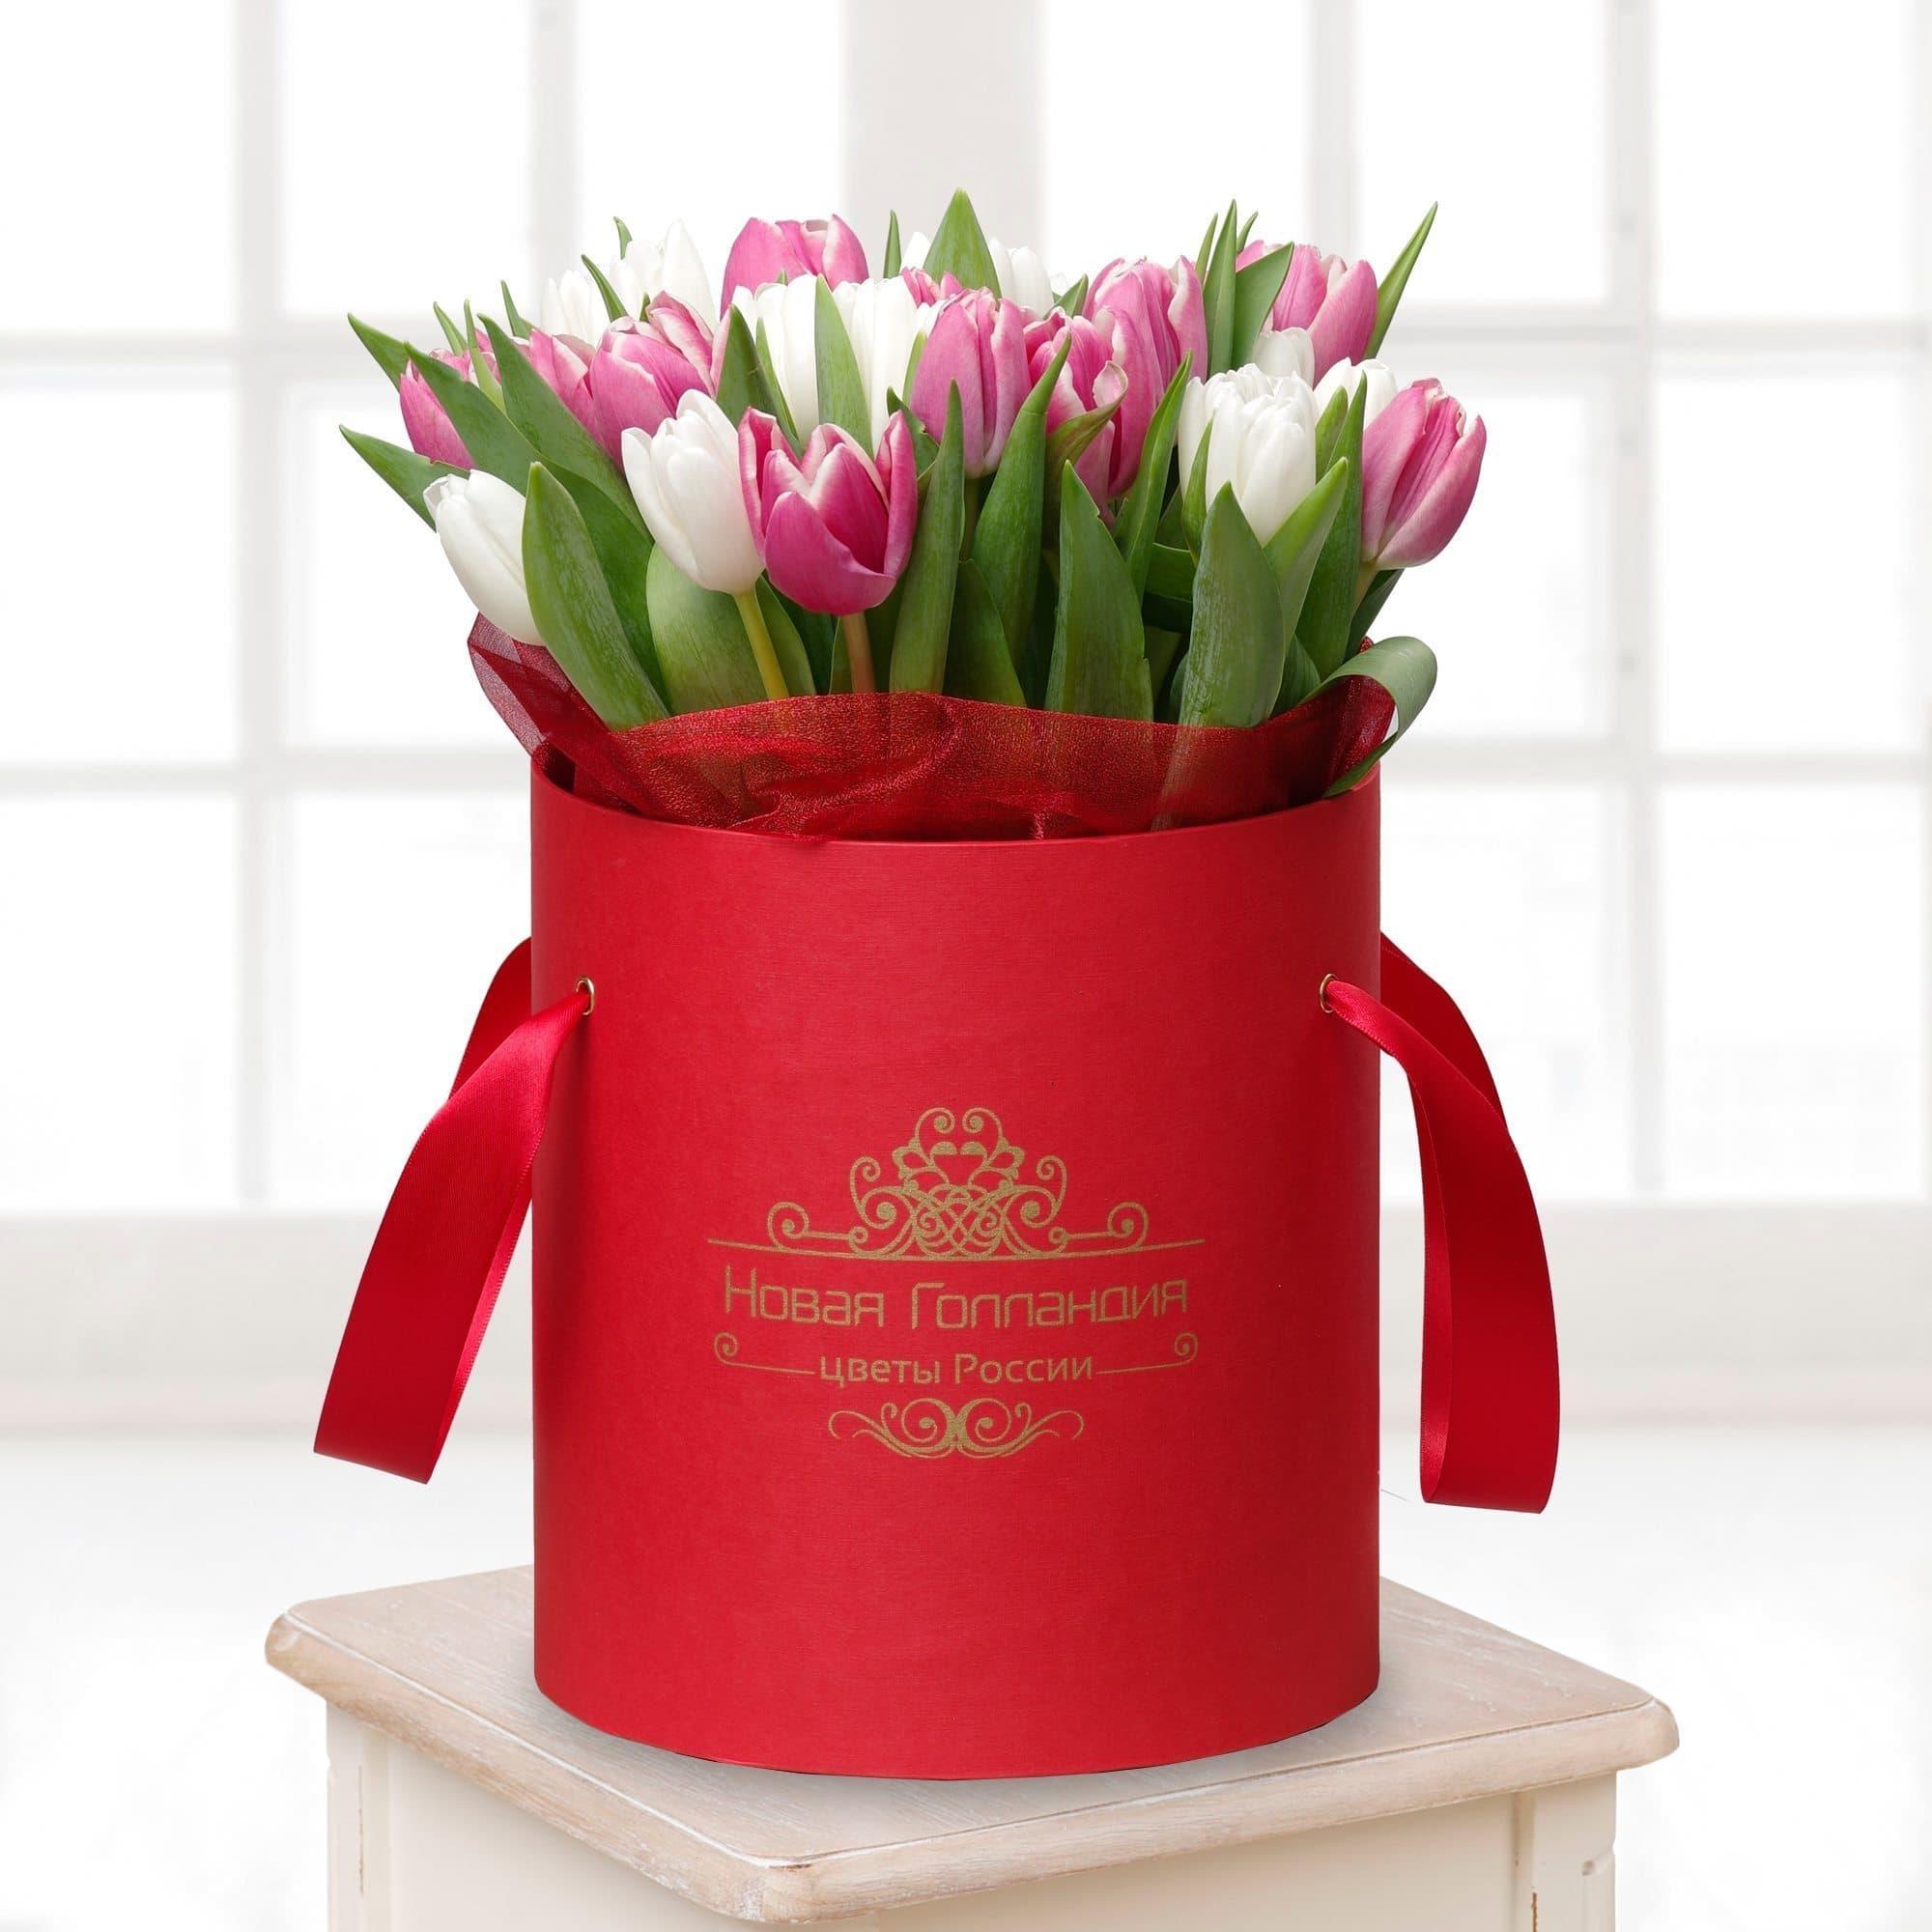 Купить со скидкой 31 тюльпан в красной шляпной коробке